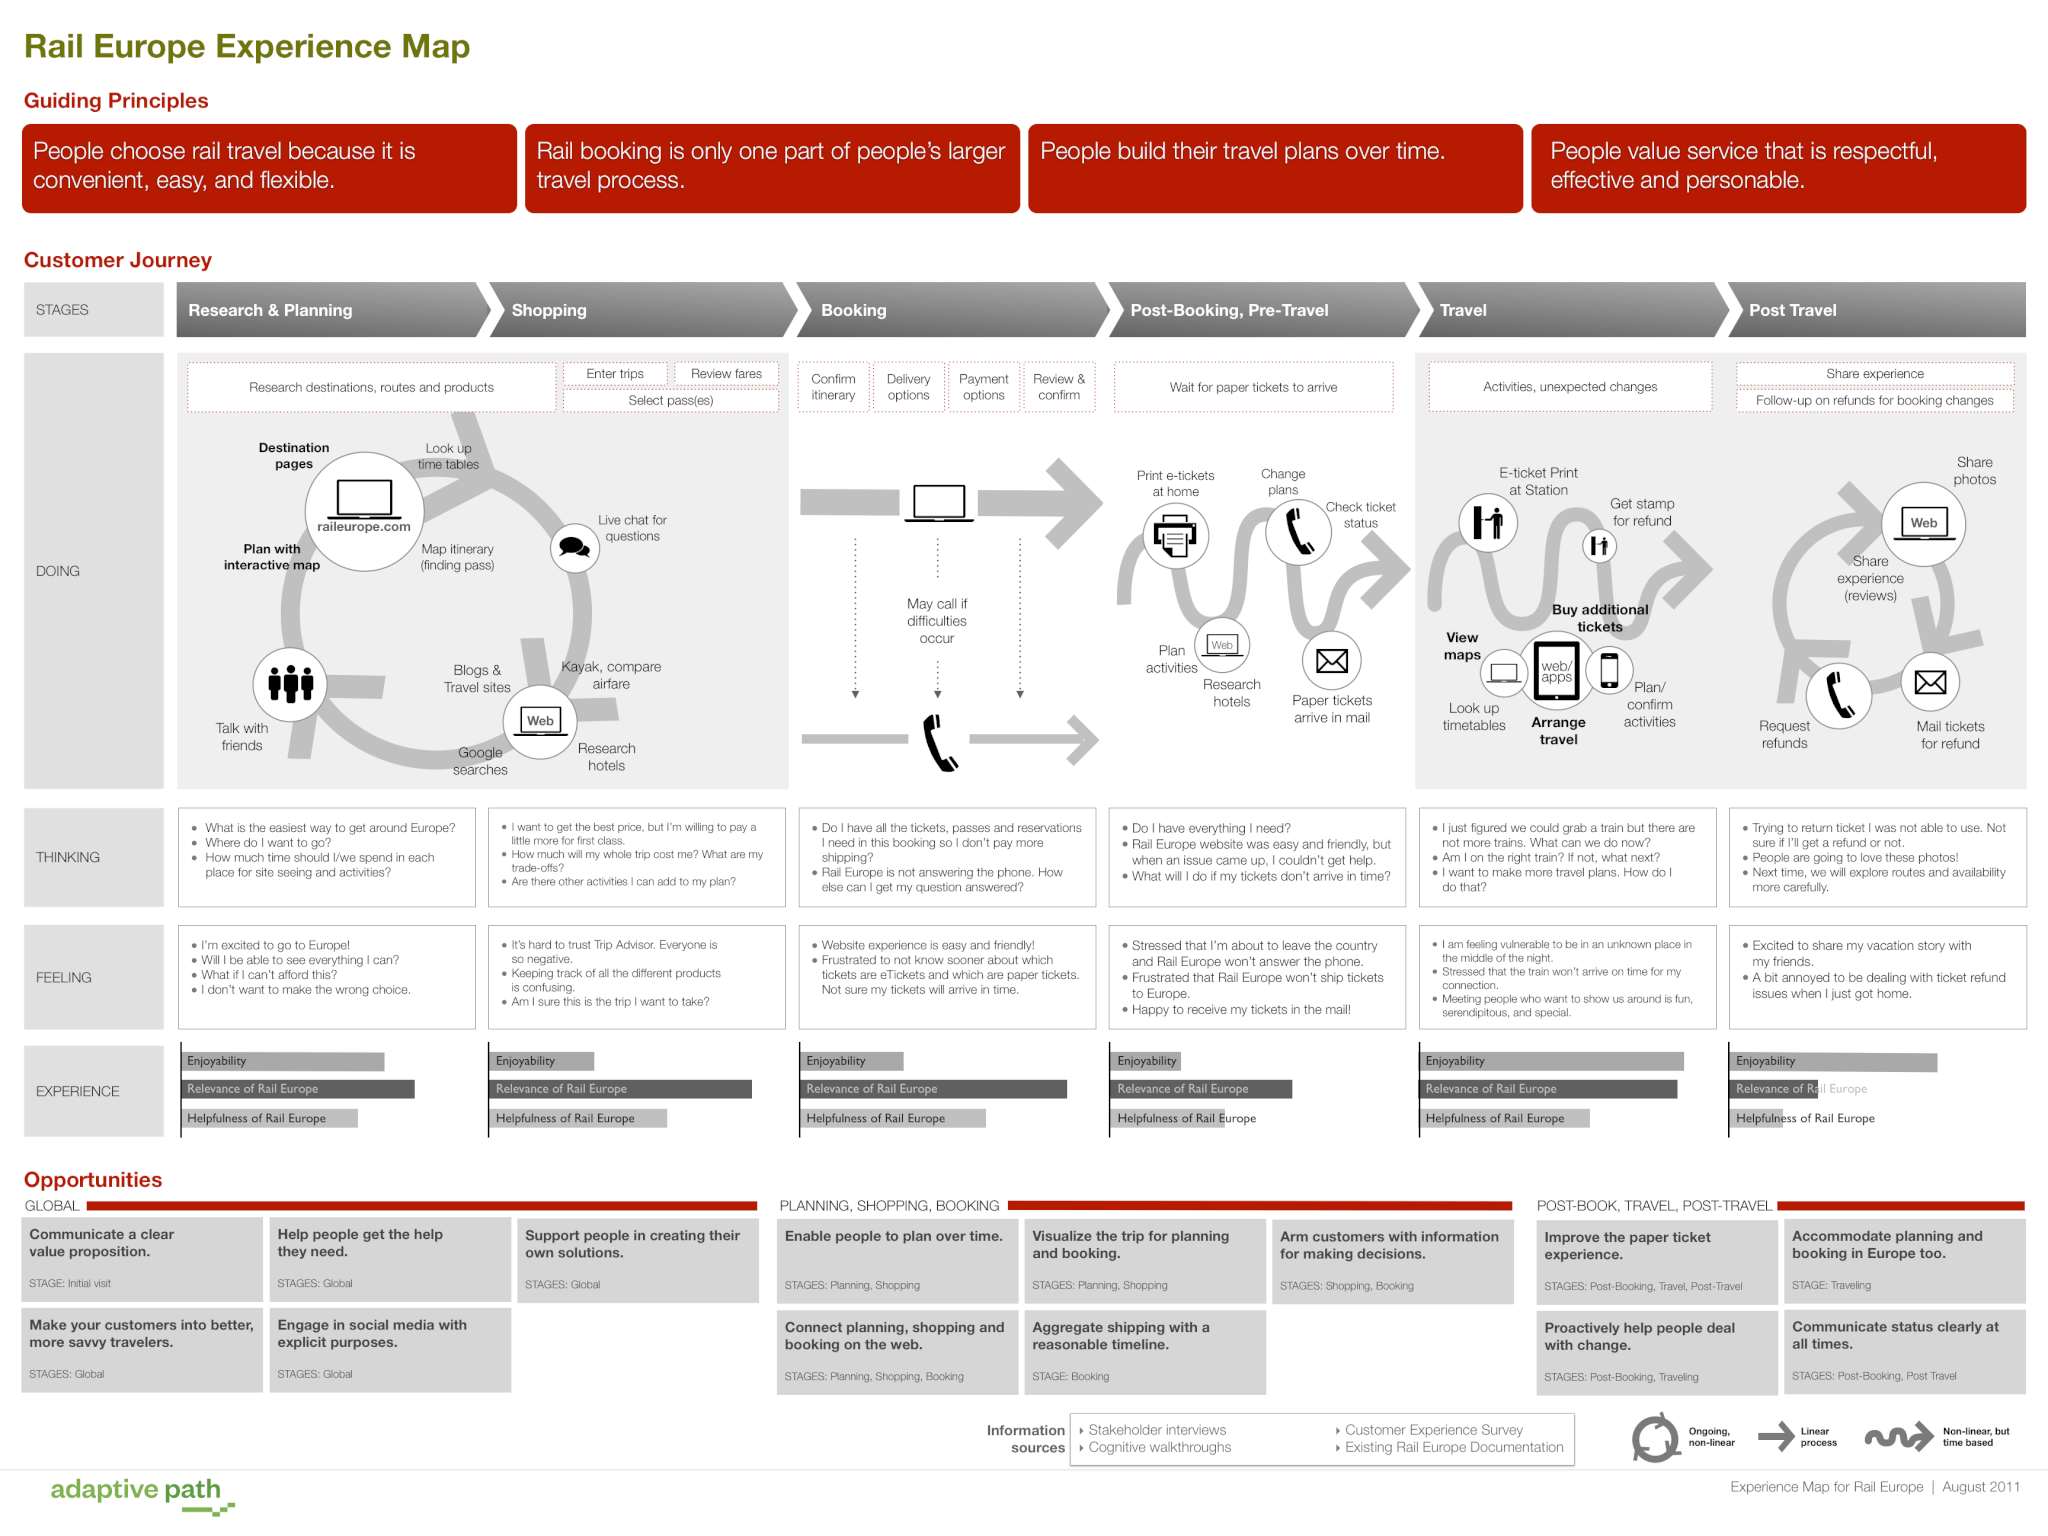 User Journey vpodobné formě dobře poslouží designérům, ale ne moc dobře ostatním.